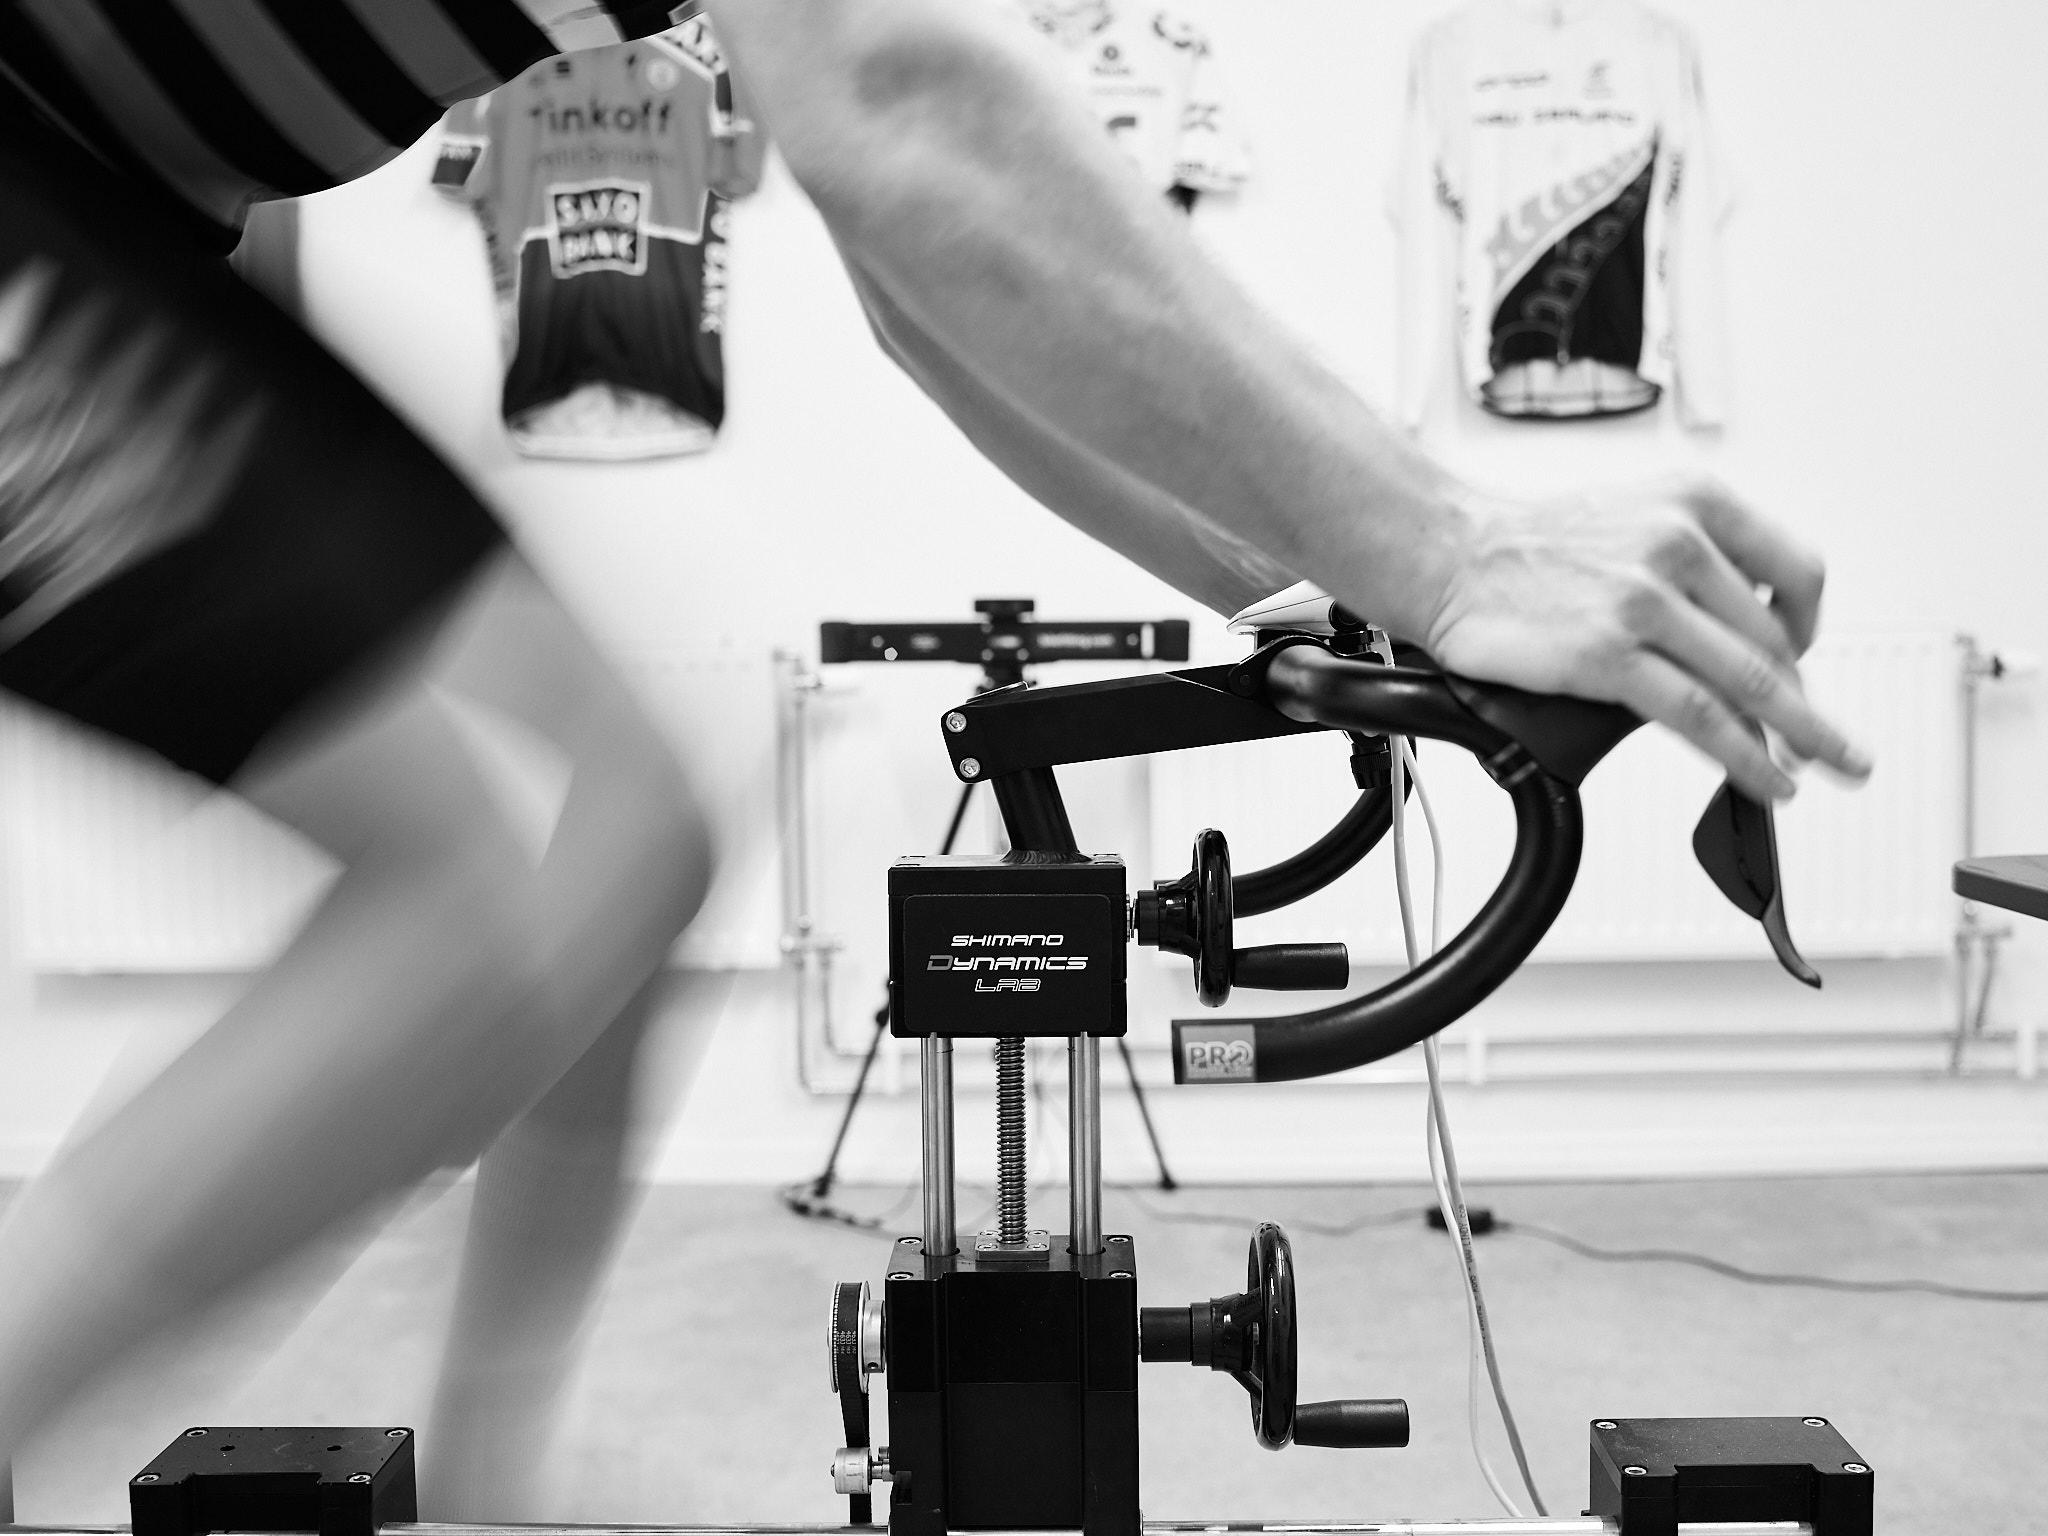 Titanium 1399 kr - Vårt främsta premiummedlemskap där du inte bara har tillgång till hur många klasser du vill, utan även en bikefit ingår och skoförvaring och handuk. Du får 20% rabatt på massage, naprapat, Sport Sciene Testing och PT. Detta tipptoppmedlemskap lanseras i slutet på augusti.